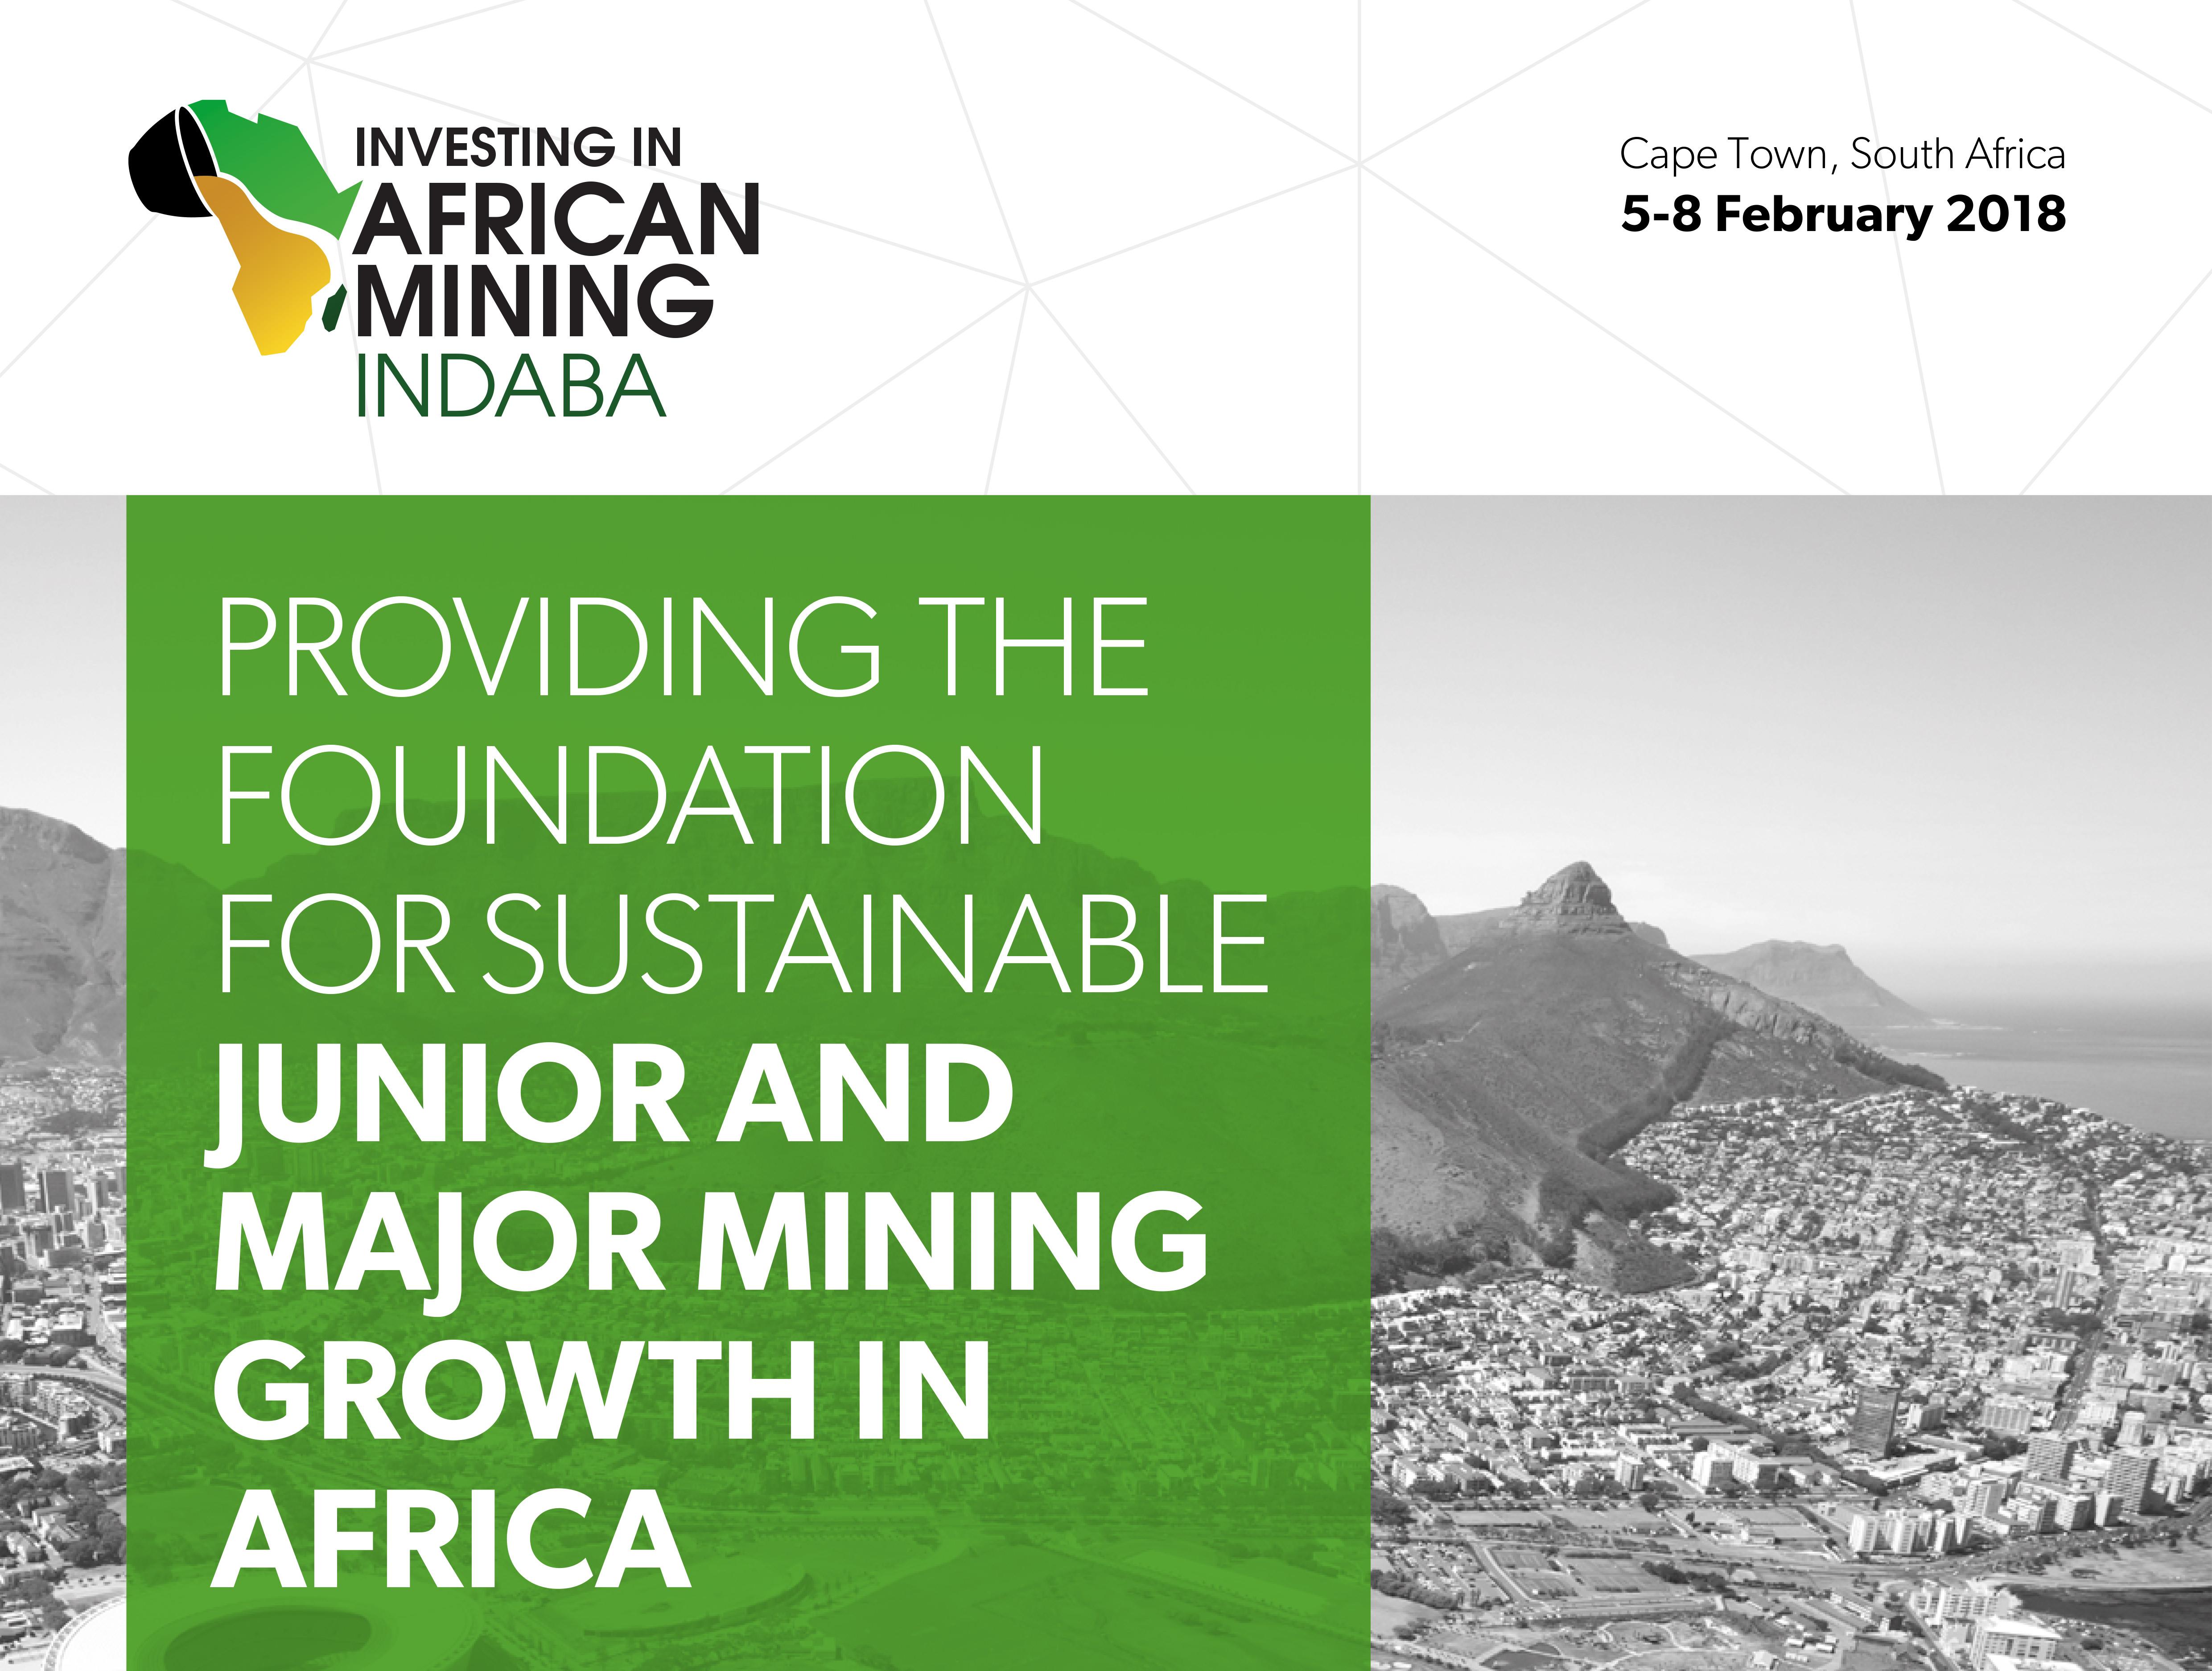 Mining Indaba 2018